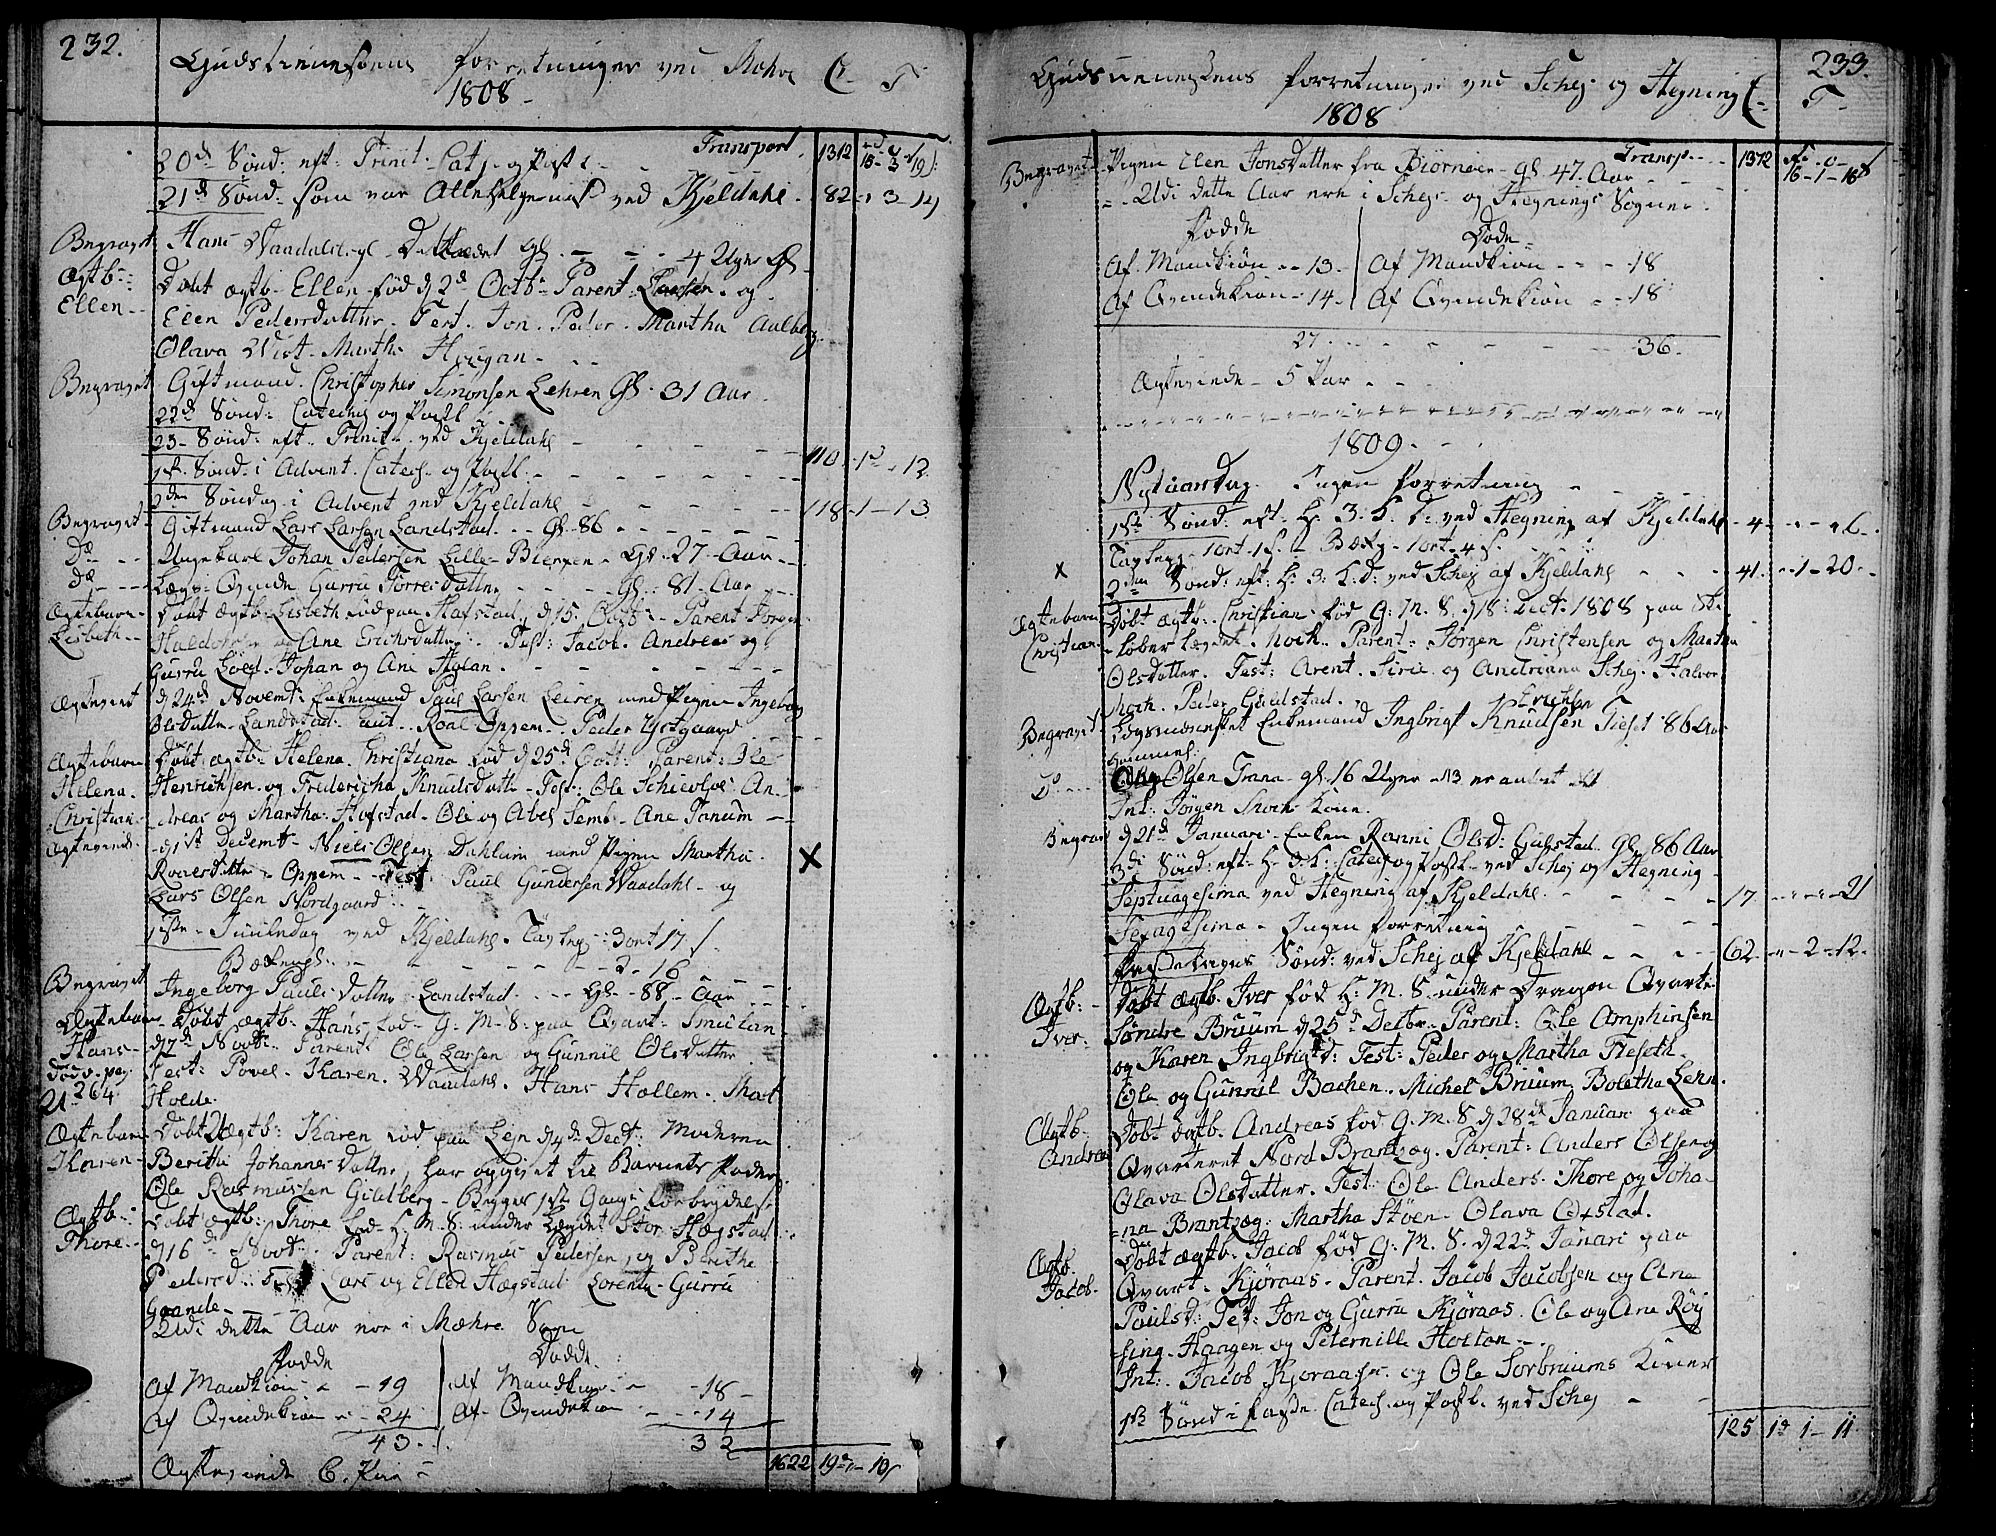 SAT, Ministerialprotokoller, klokkerbøker og fødselsregistre - Nord-Trøndelag, 735/L0332: Ministerialbok nr. 735A03, 1795-1816, s. 232-233